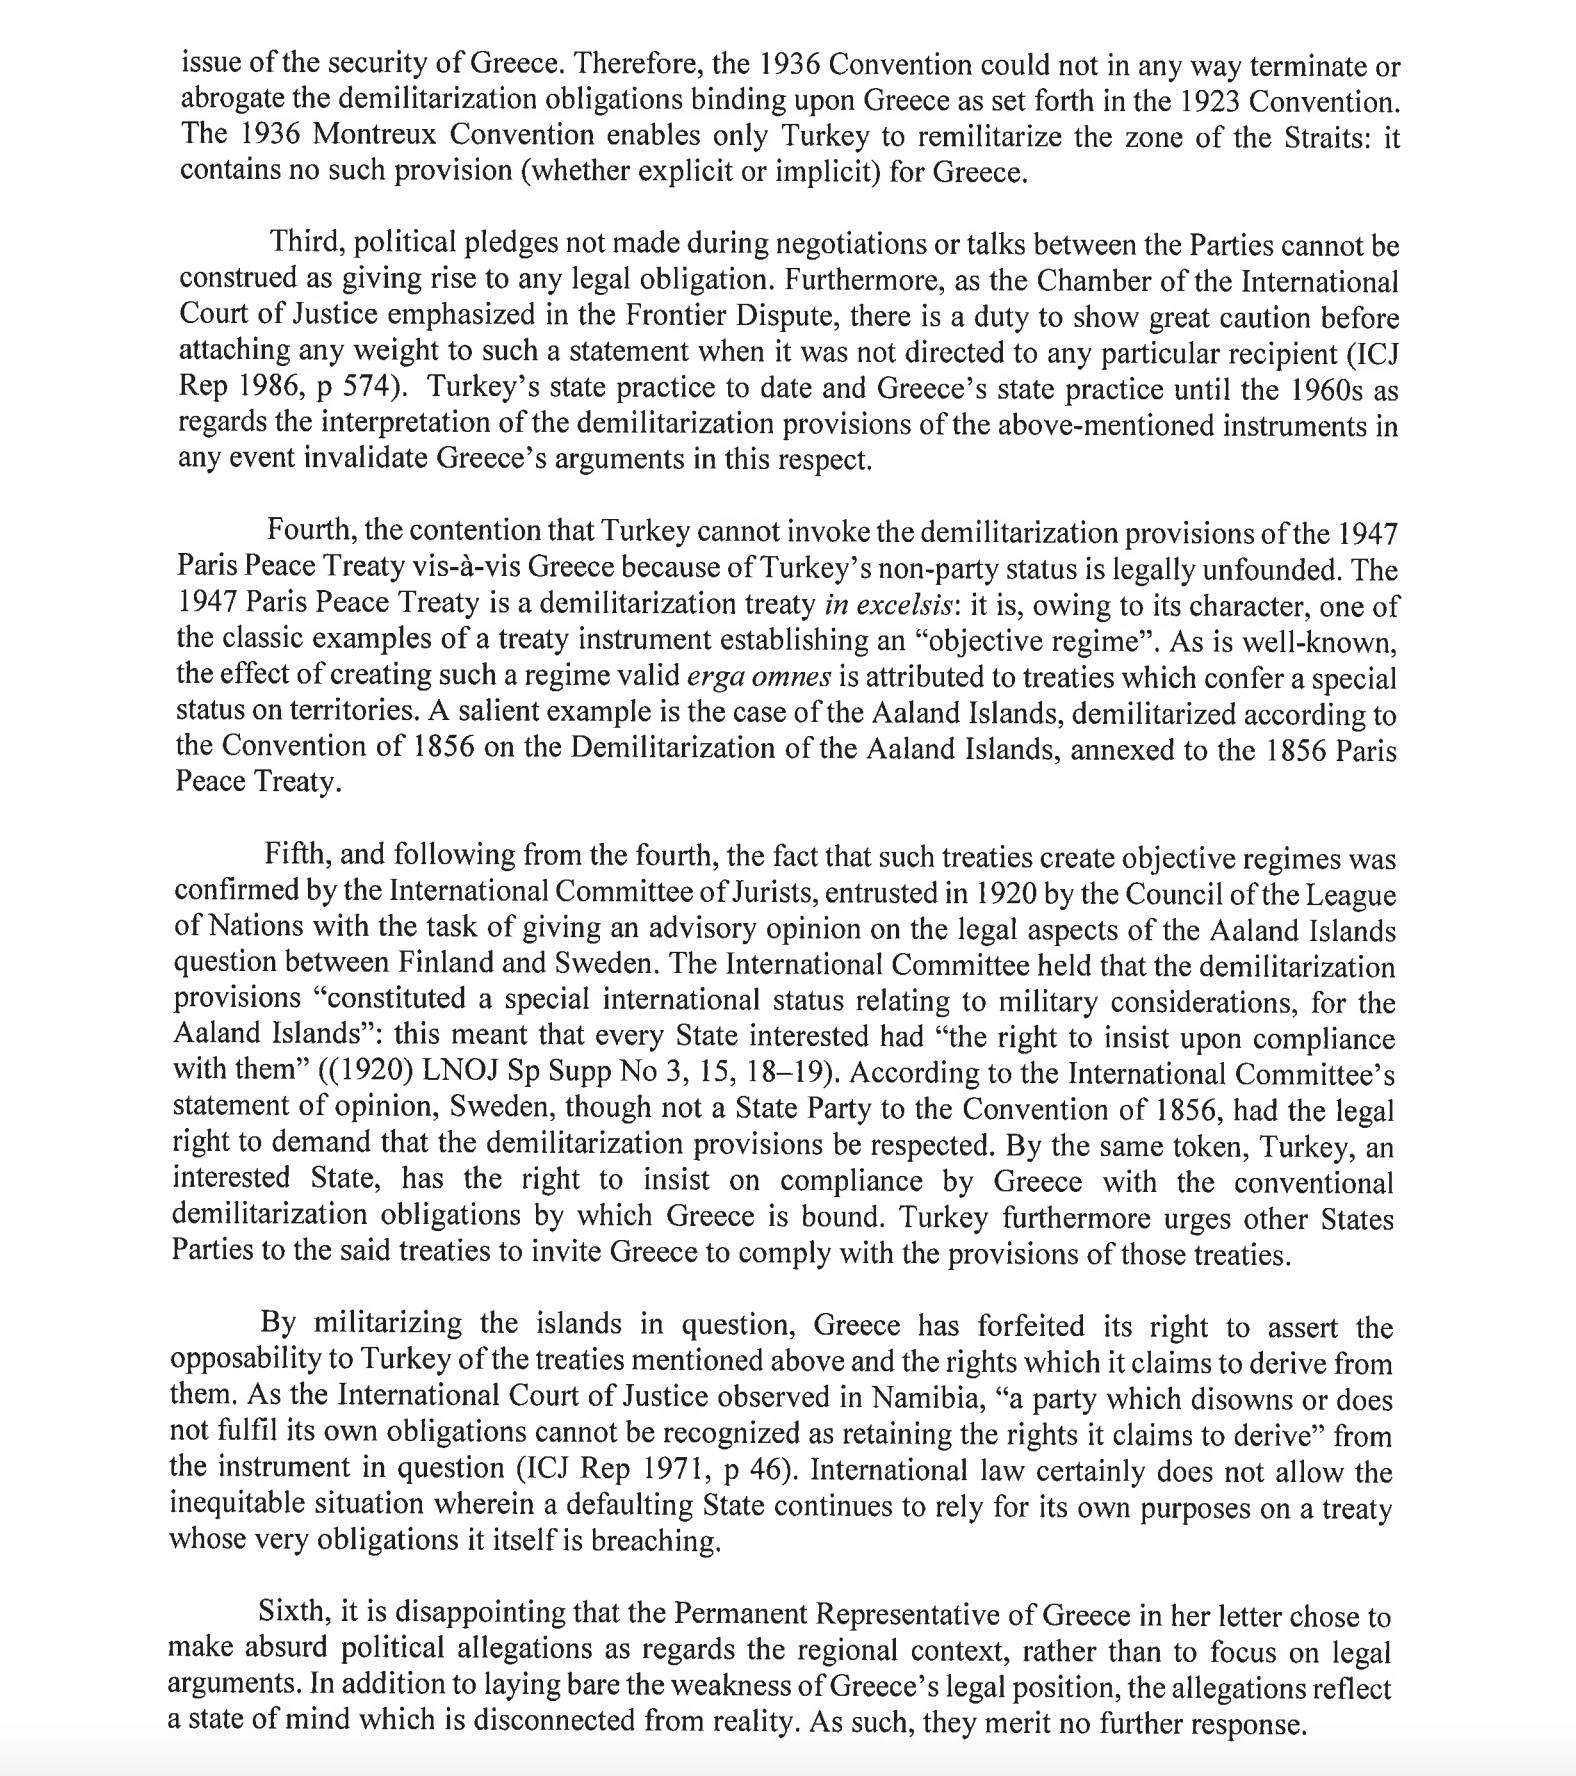 «Η Ελλάδα δεν έχει δικαιώματα στα νησιά» – Η «Κ» αποκαλύπτει την επιστολή της Τουρκίας στον ΟΗΕ, φωτογραφία-3